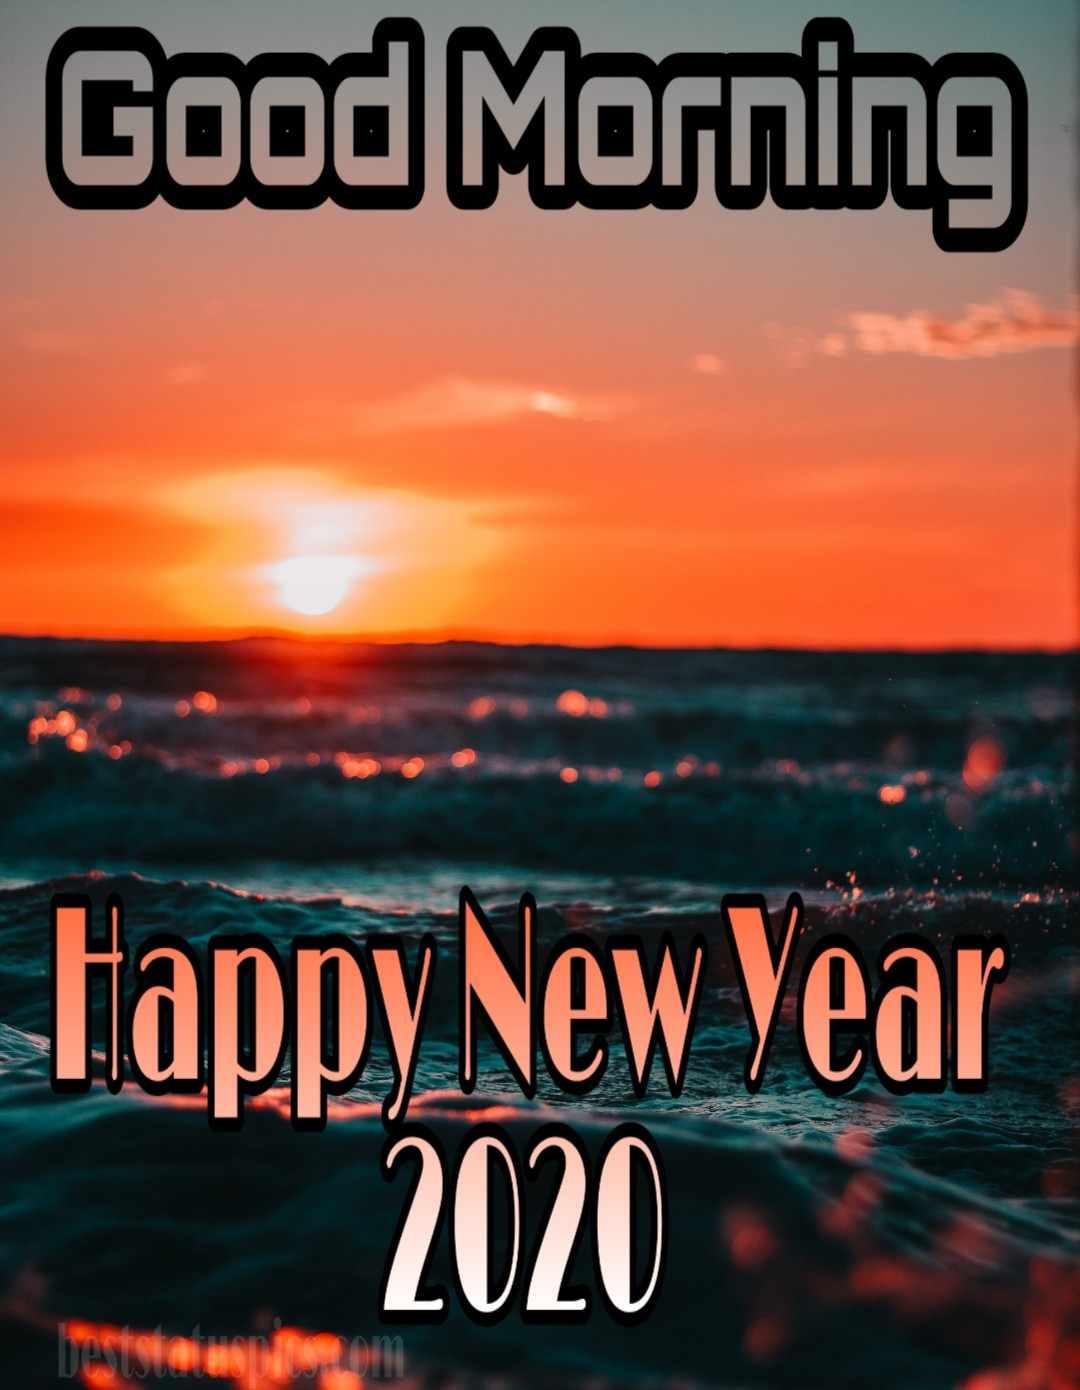 Good morning happy new year 2020 photo Whatsapp status